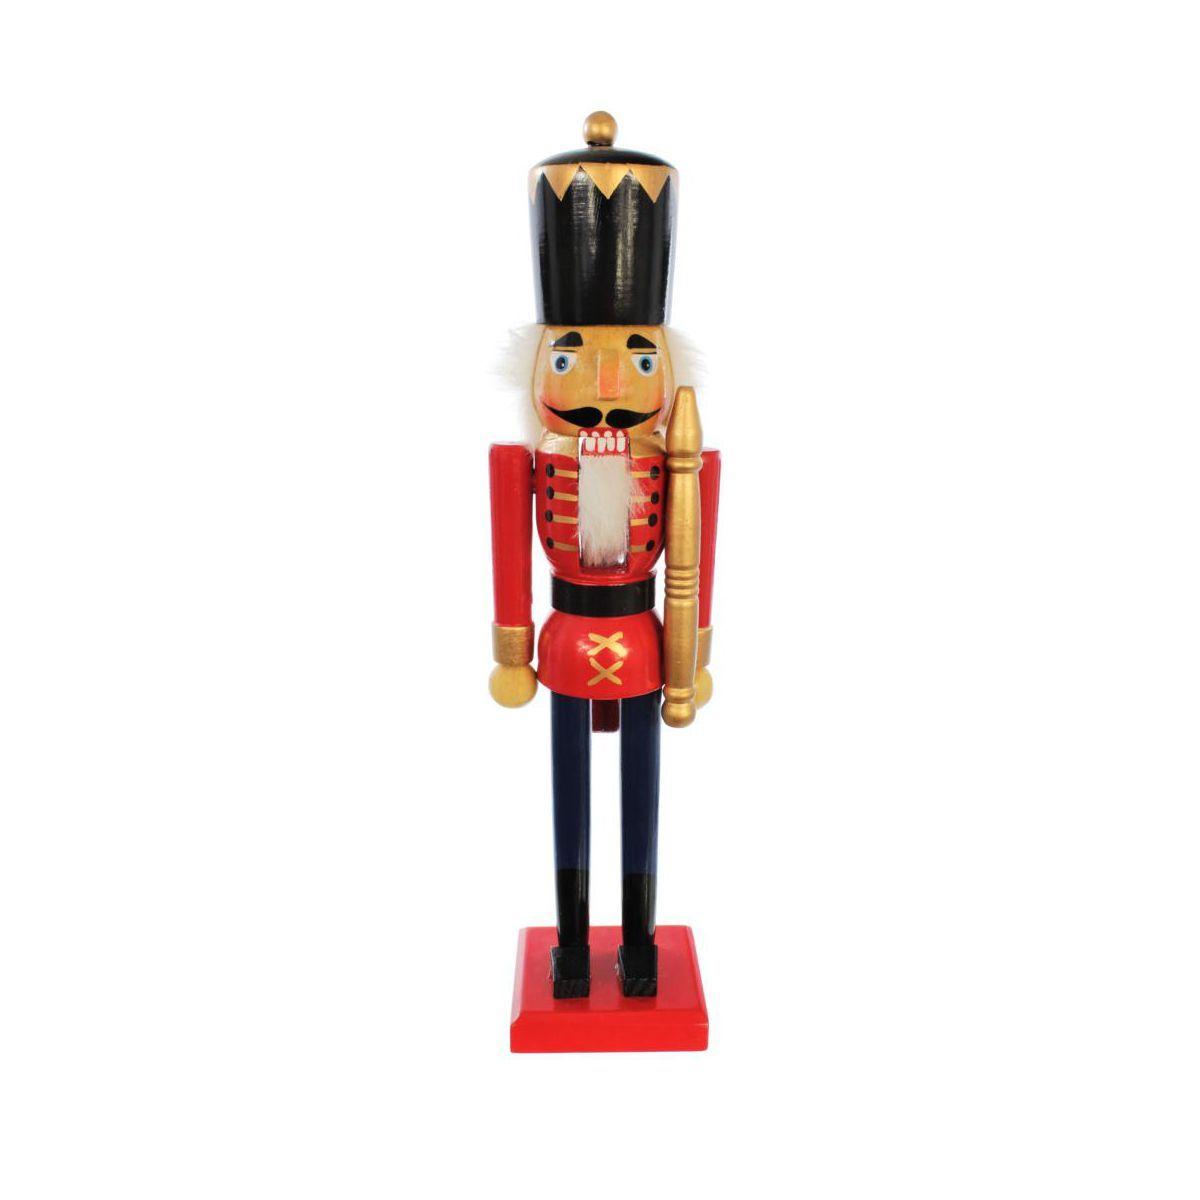 Figurka Dziadek Do Orzechow 38 Cm Swieczniki I Dekoracje Swiateczne W Atrakcyjnej Cenie W Sklepach Leroy Merlin Fun Christmas